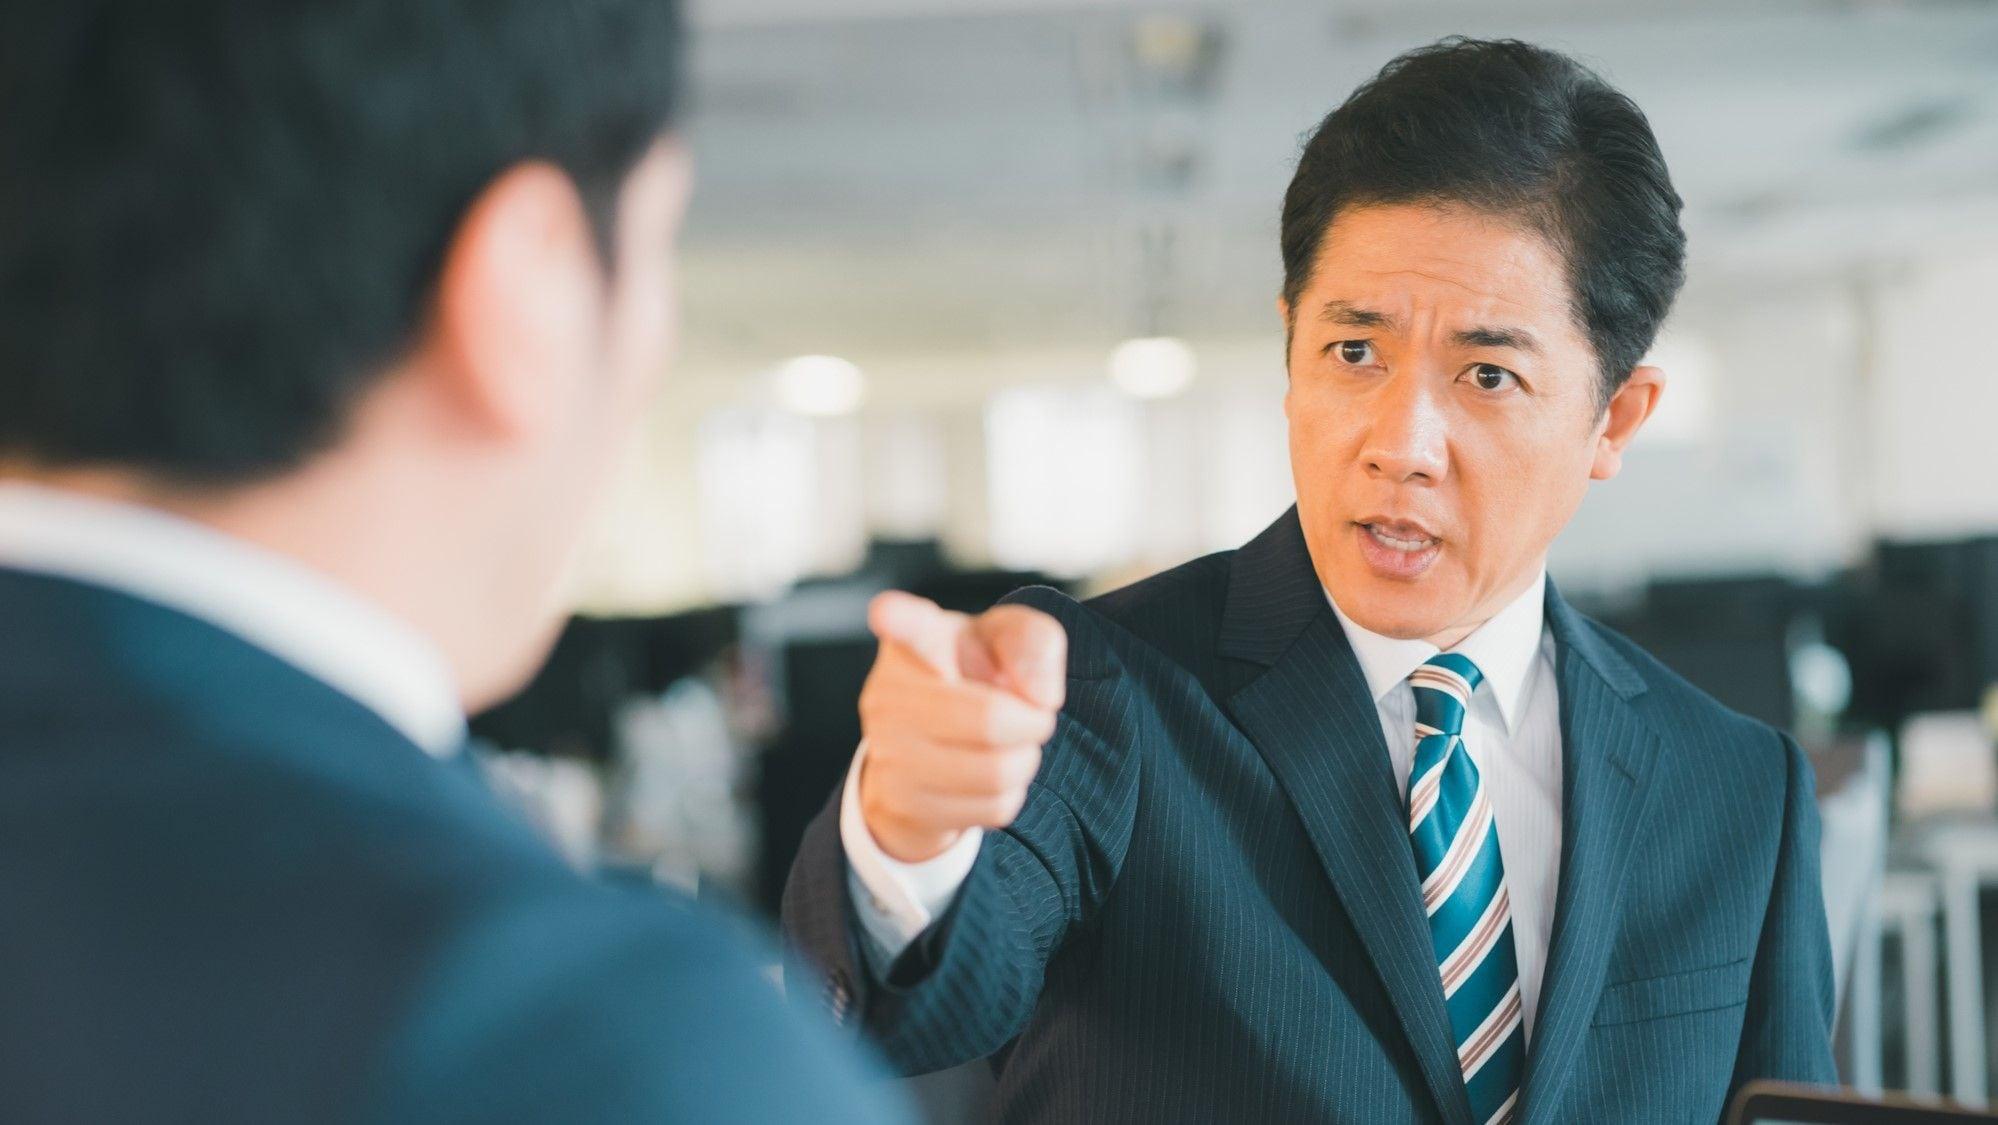 「上司は偉い」の勘違いが生む日本企業の重大欠陥 | リーダーシップ・教養・資格・スキル